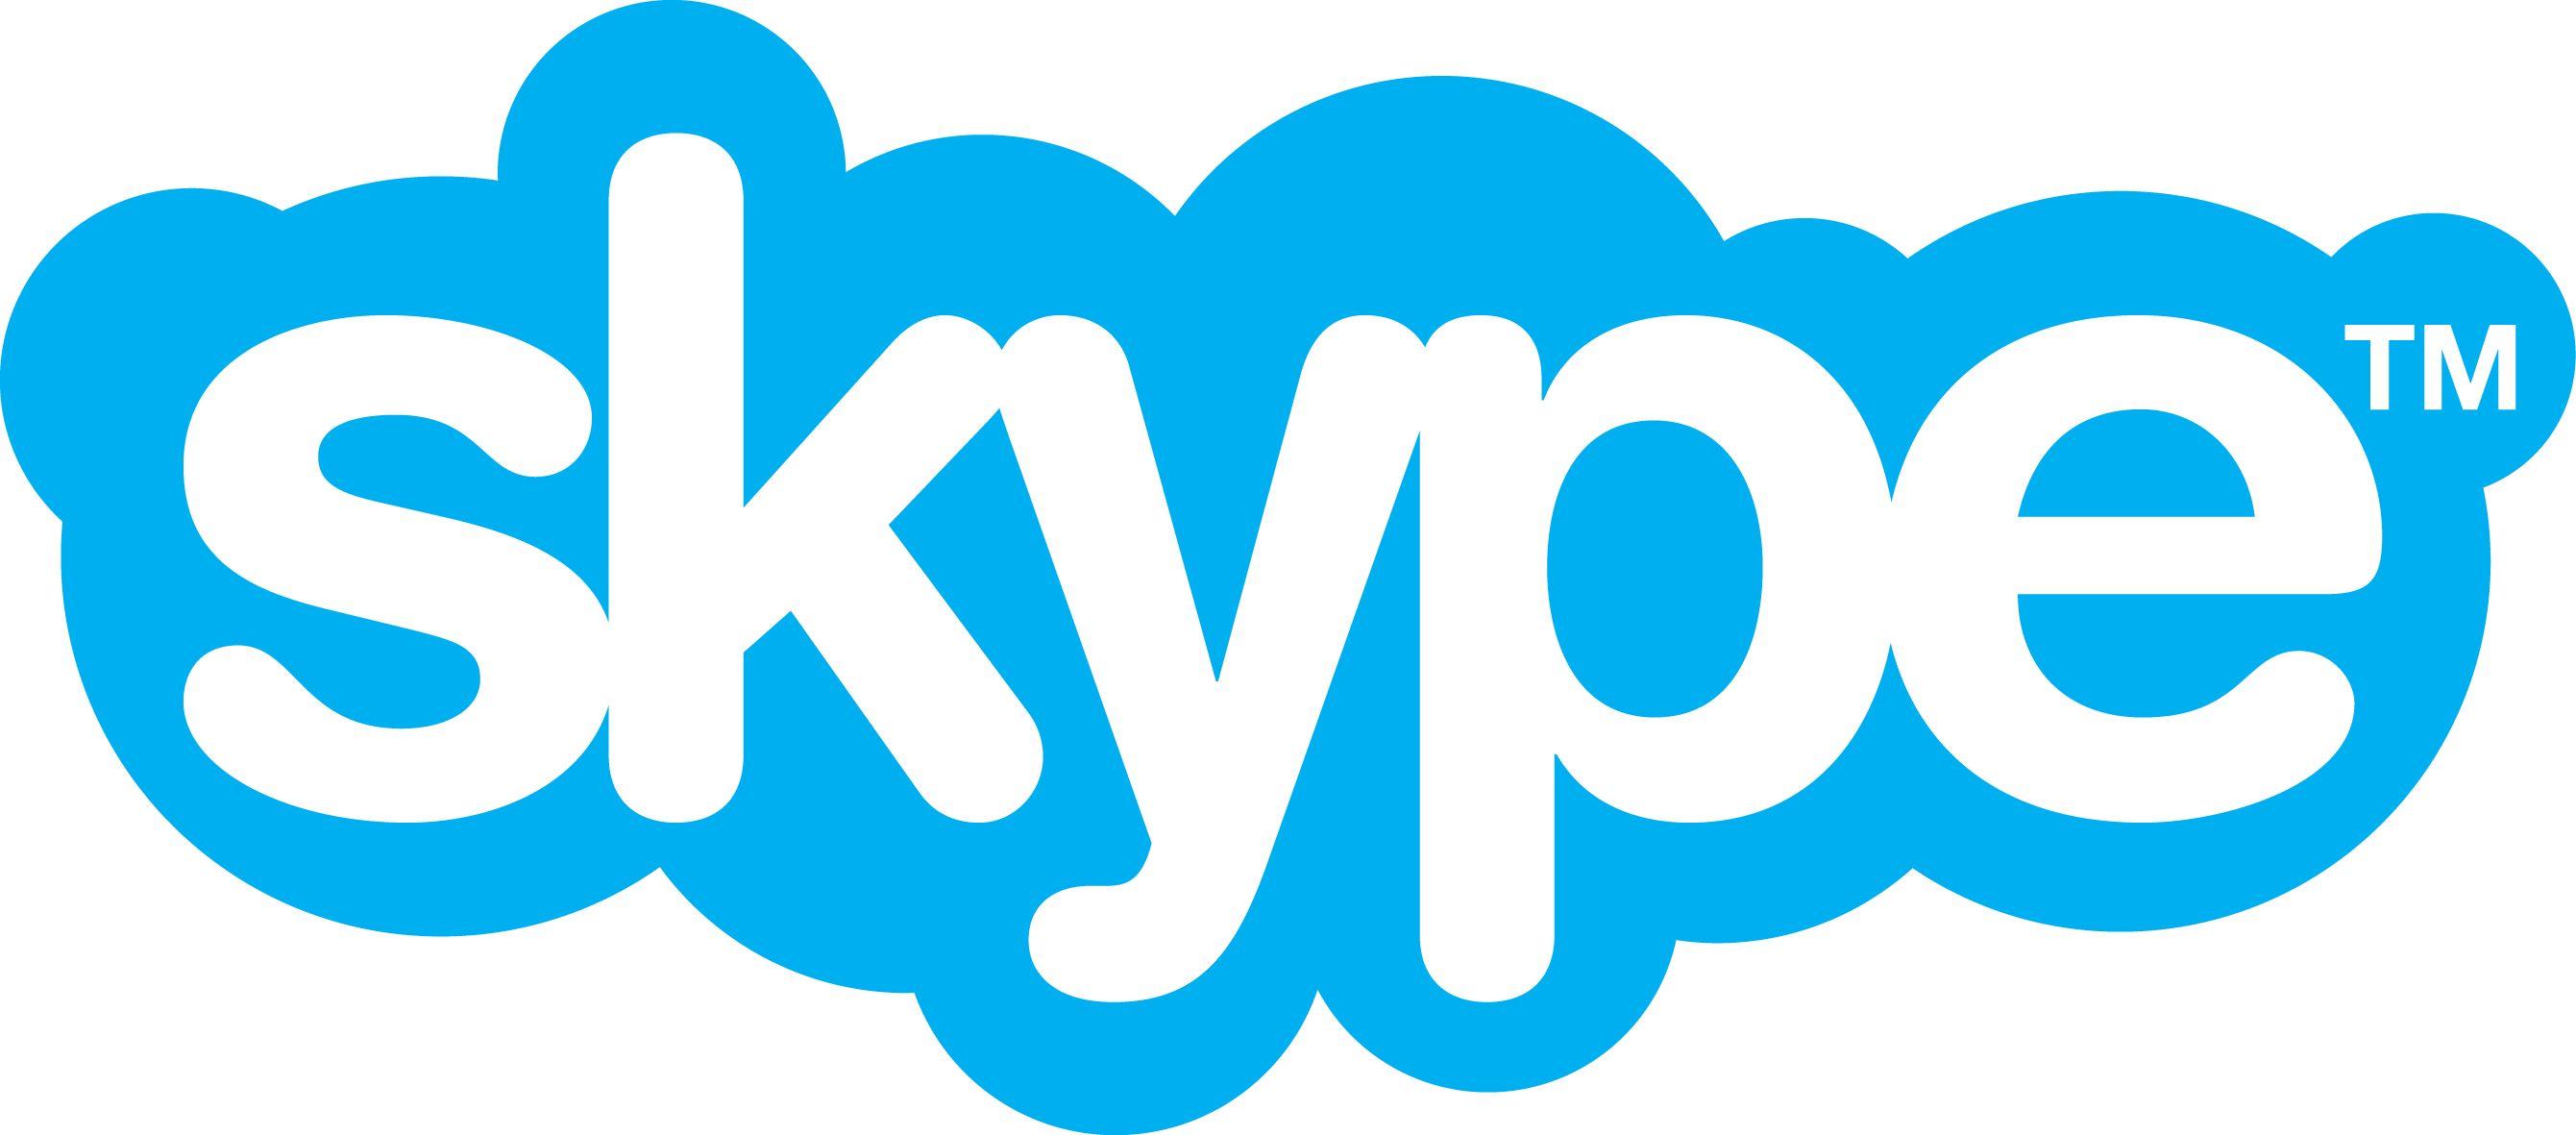 Uporabniki progama Skype bodo odslej obvestila prejemali le na napravo, ki bo v določenem trenutku v uporabi.